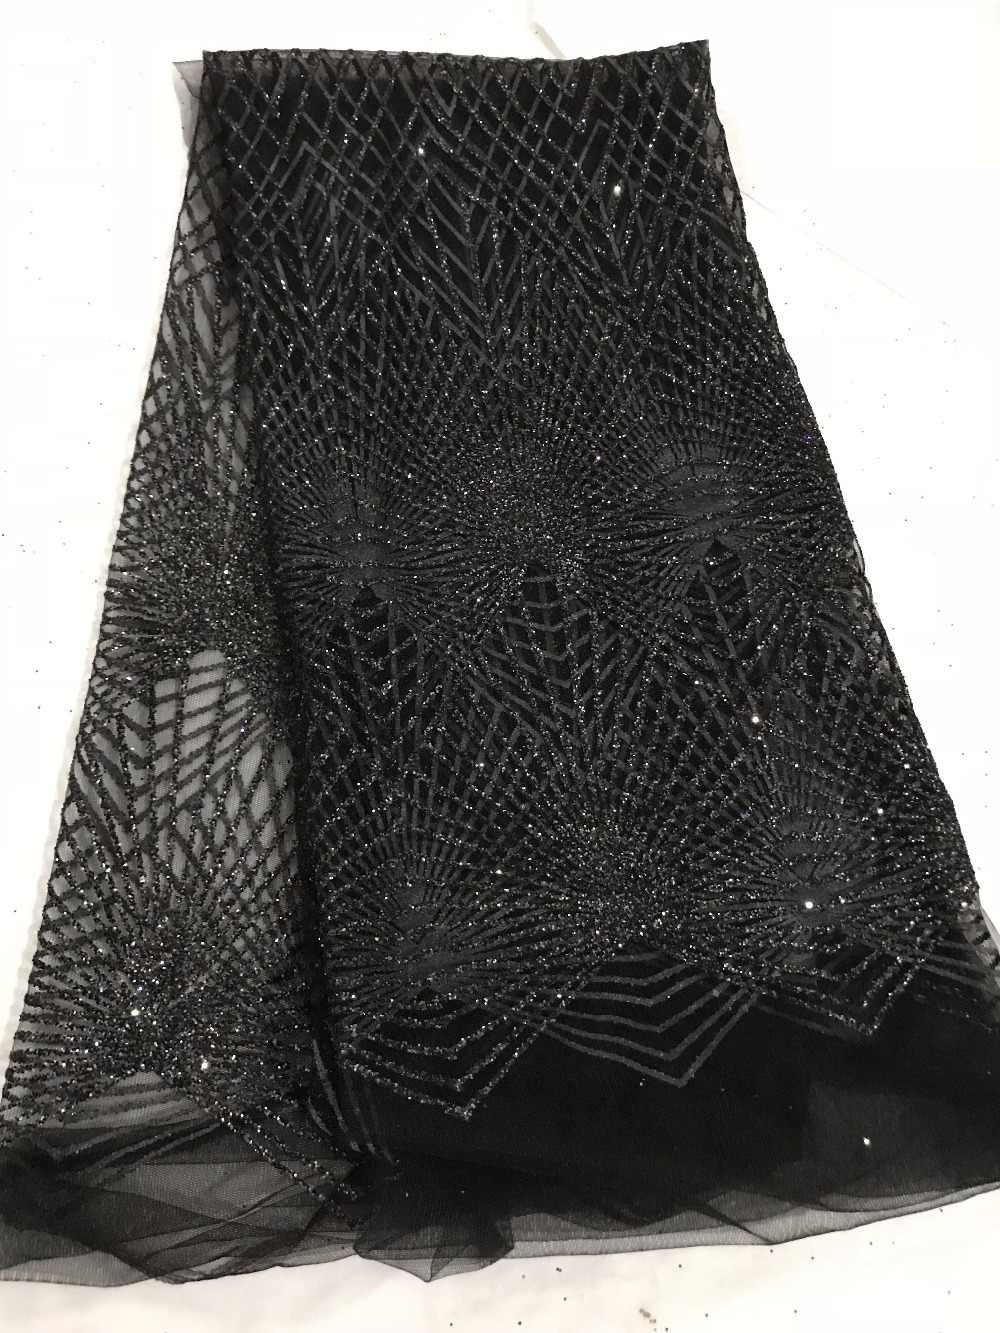 ... Shining клееного блеск s-1139 кружевной ткани для праздничное платье  Горячая распродажа! африканские блестки ...